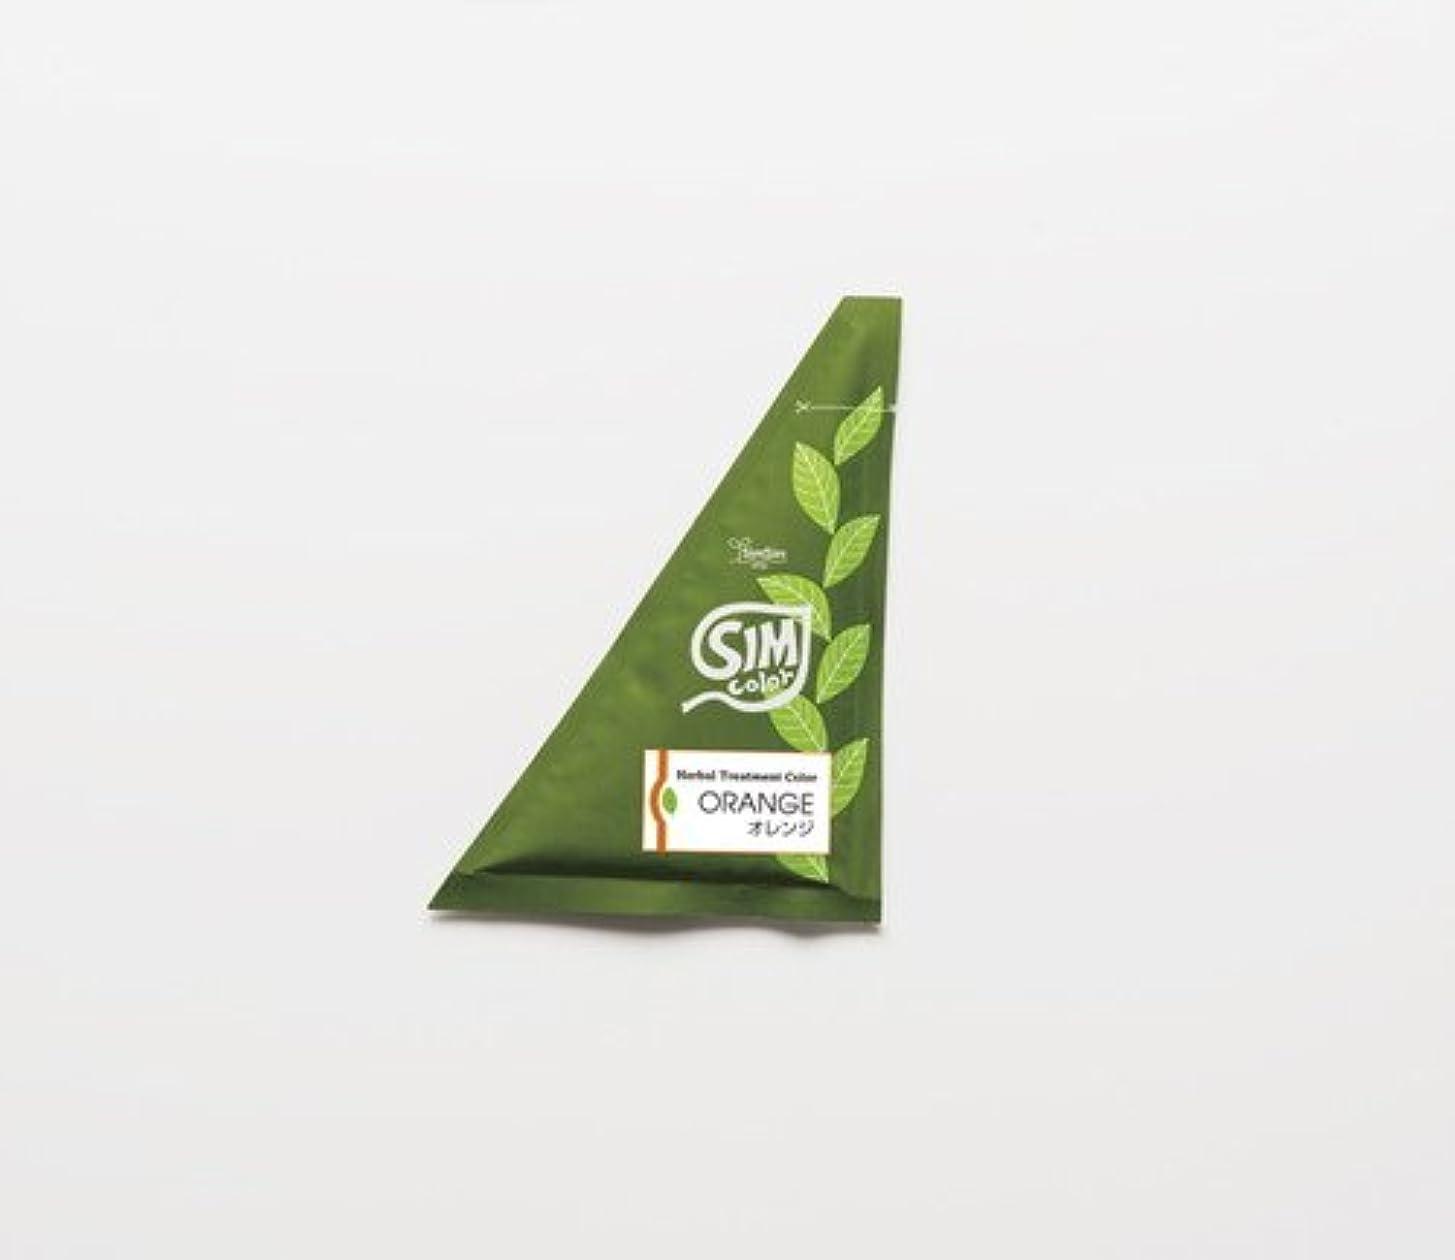 負担自分のために喉が渇いたSimSim(シムシム)お手軽簡単シムカラーエクストラ(EX)25g 2袋 オレンジ